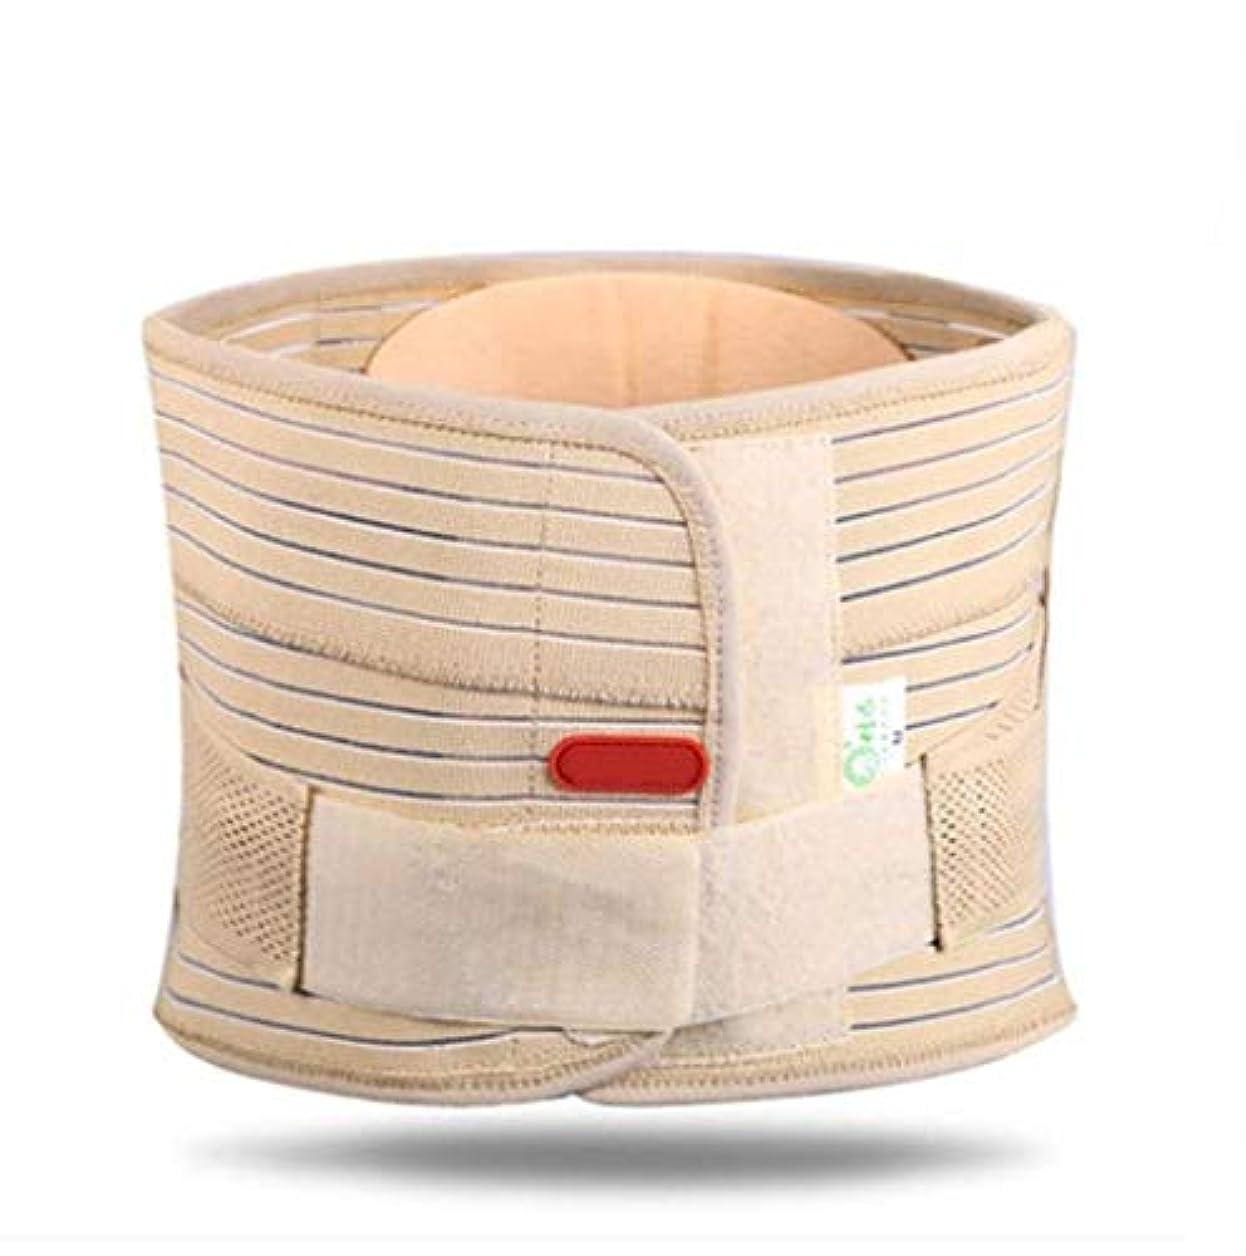 出発する農業爆発物ウエスト/腰暖かいベルト、ワーキング/スポーツ/フィットネスに適したポータブルバックサポートベルト、弾性シェーピング減量スポーツベルト、痛みや防ぐ傷害を和らげます